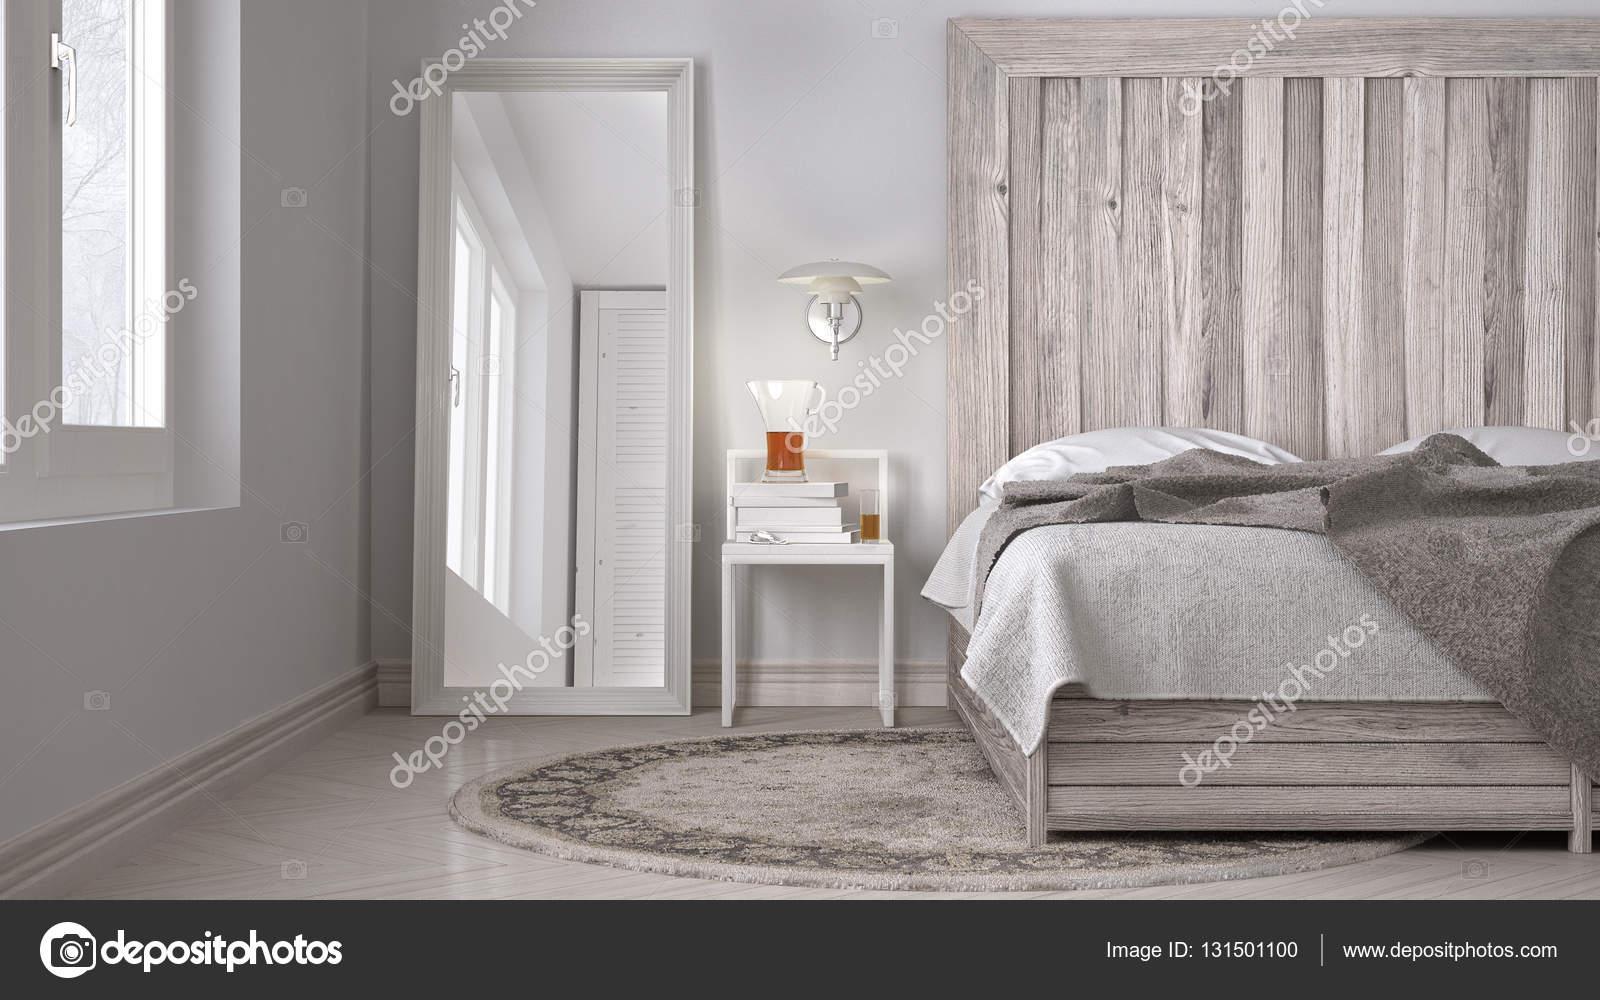 Diy Voor Slaapkamer : Diy slaapkamer bed met houten hoofdeinde scandinavische wit eco